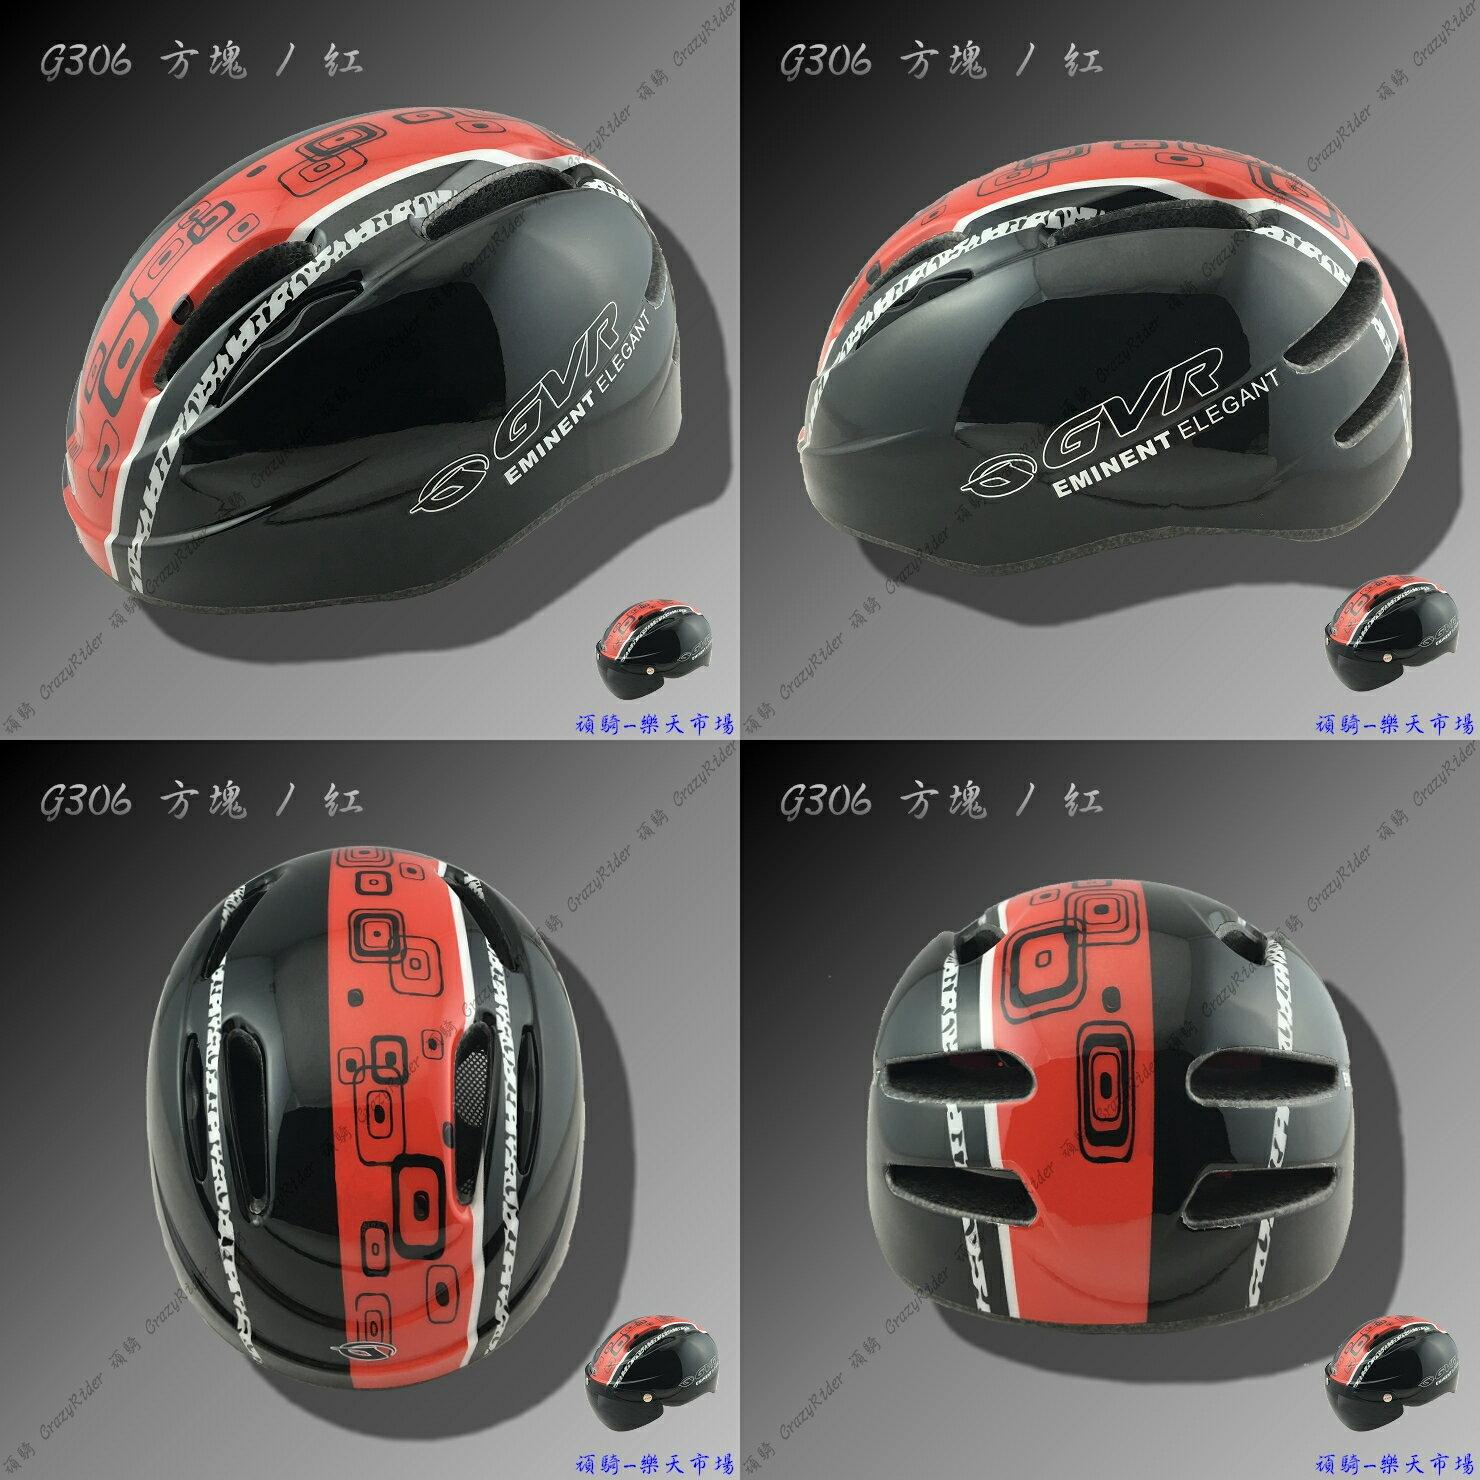 【頑騎】免運費【GVR】獨家專利 磁吸式自行車空力帽 G306 焦點系列-方塊-紅色 2